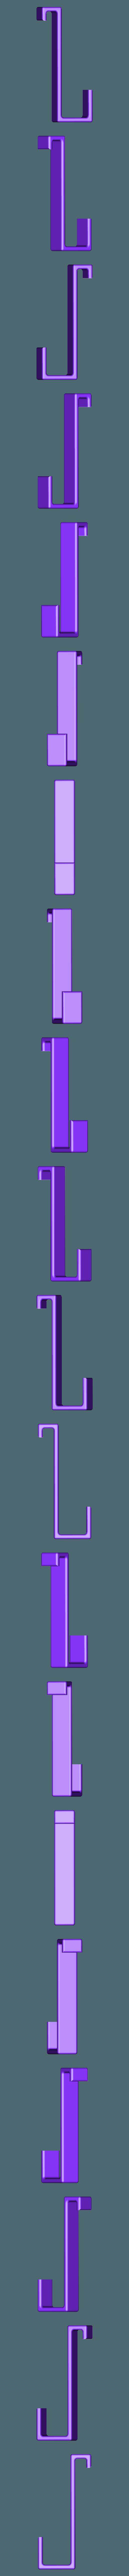 8Door_Hooks.STL Télécharger fichier STL gratuit Crochets de porte (10 tailles différentes) • Design pour impression 3D, Saeid